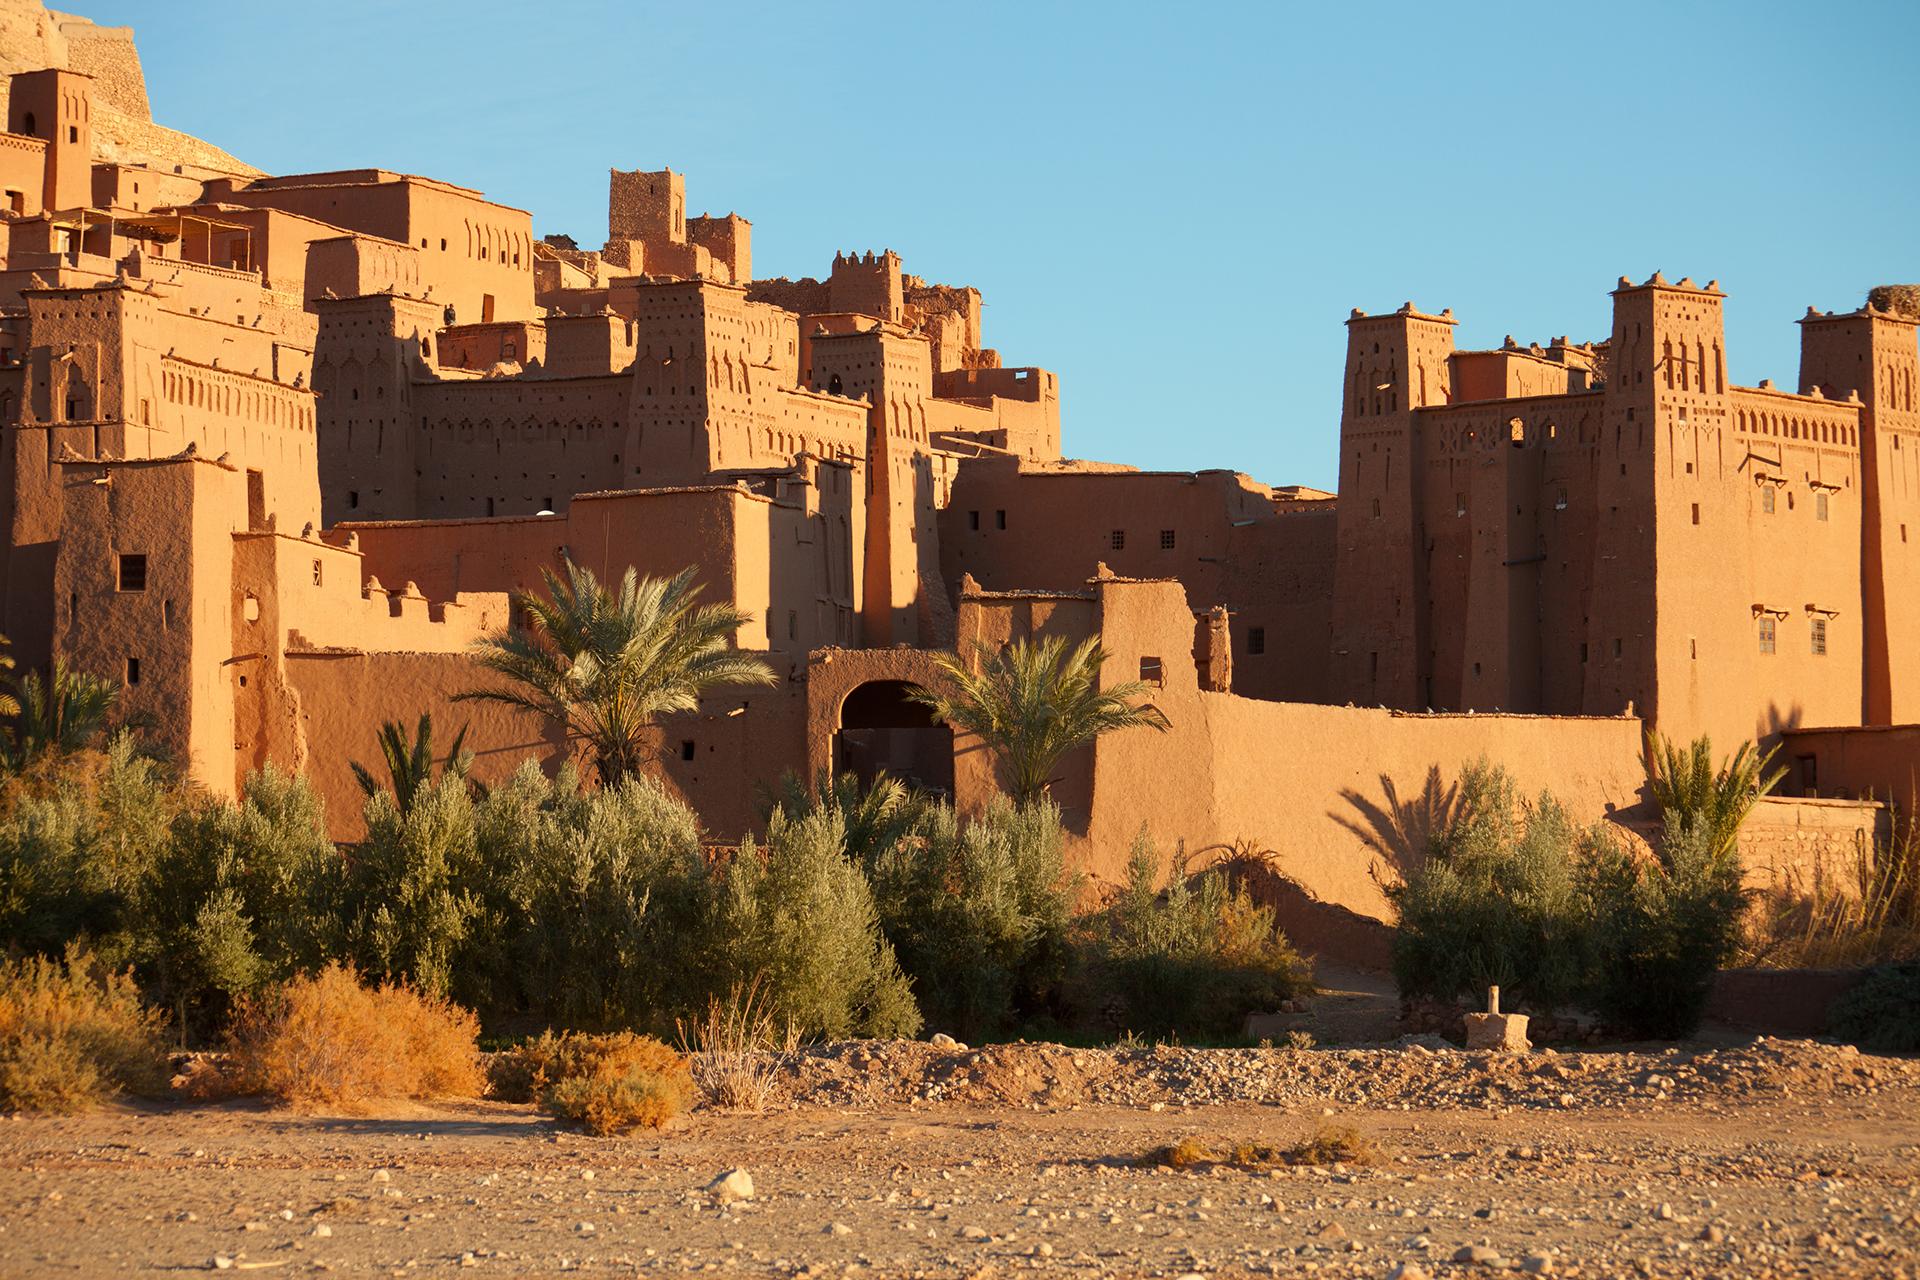 Aït-Ben-Haddou, en Marruecos, acogió a varias ciudades a lo largo del camino de Daenerys a través de la Bahía de los Esclavos